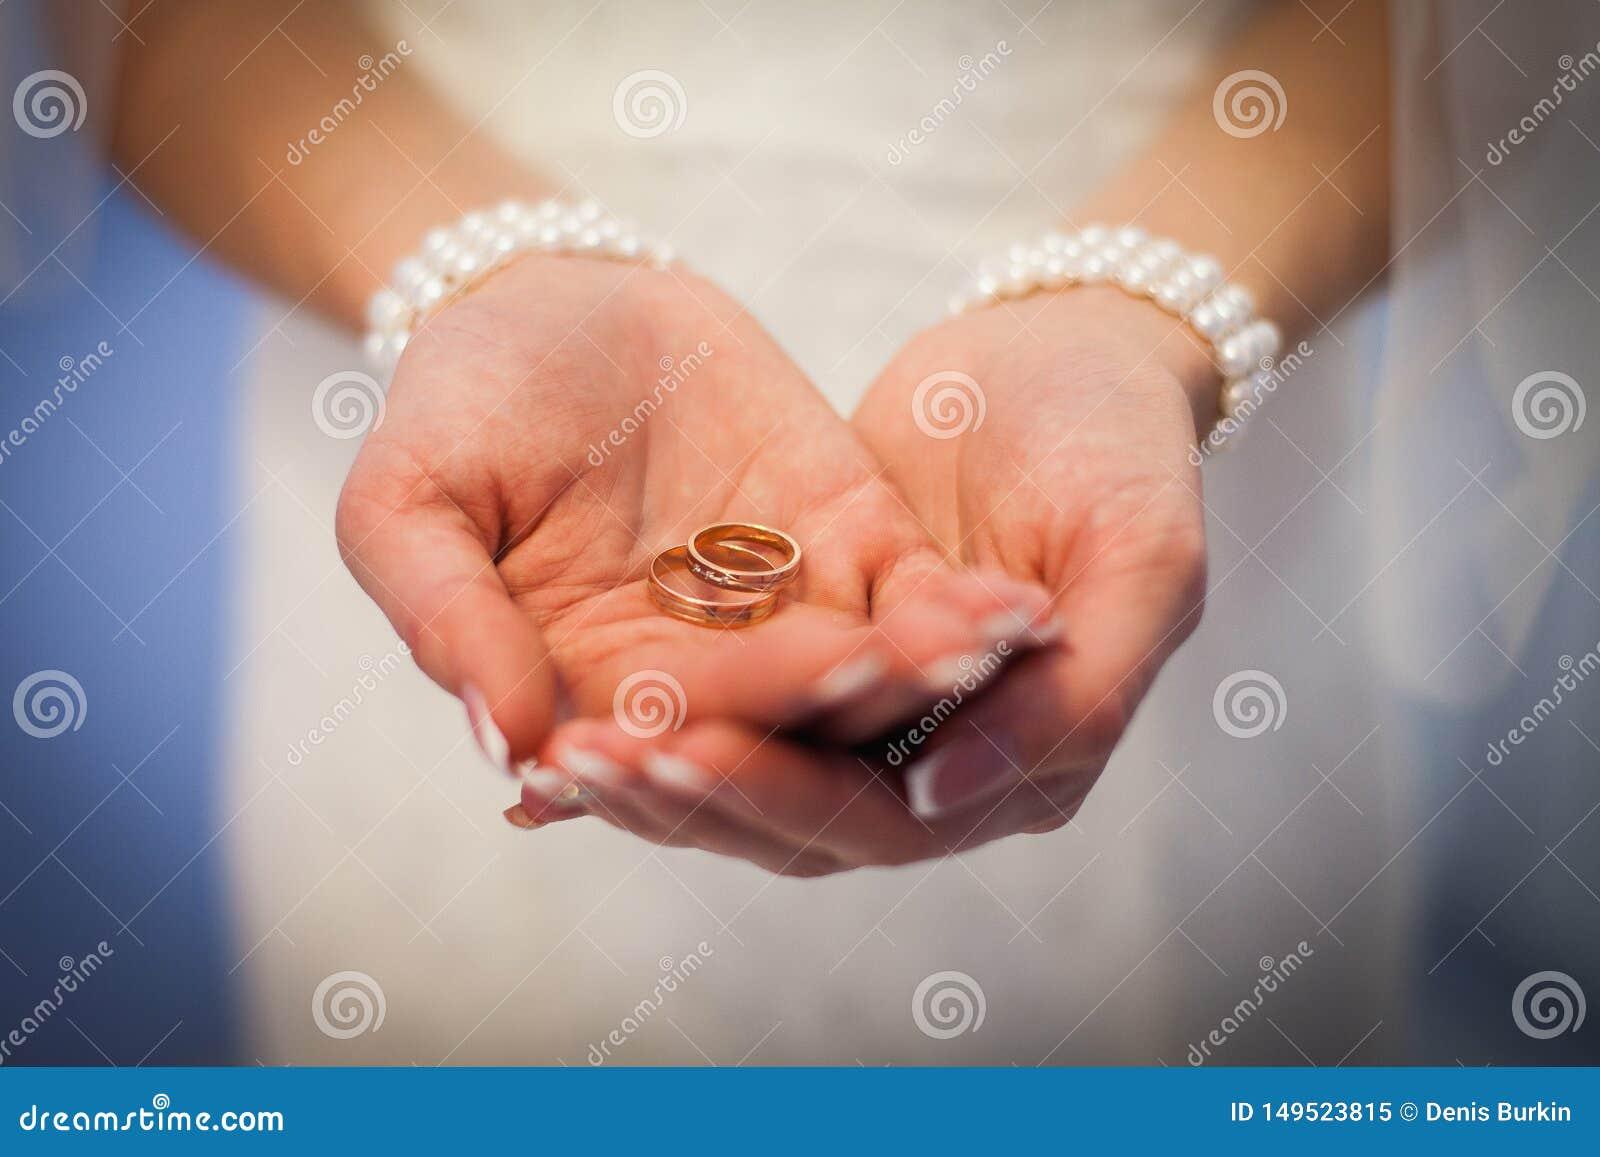 Alian?as de casamento nas m?os da noiva a menina oferece casar-se Alegre mim Alian?as de casamento nas palmas da noiva